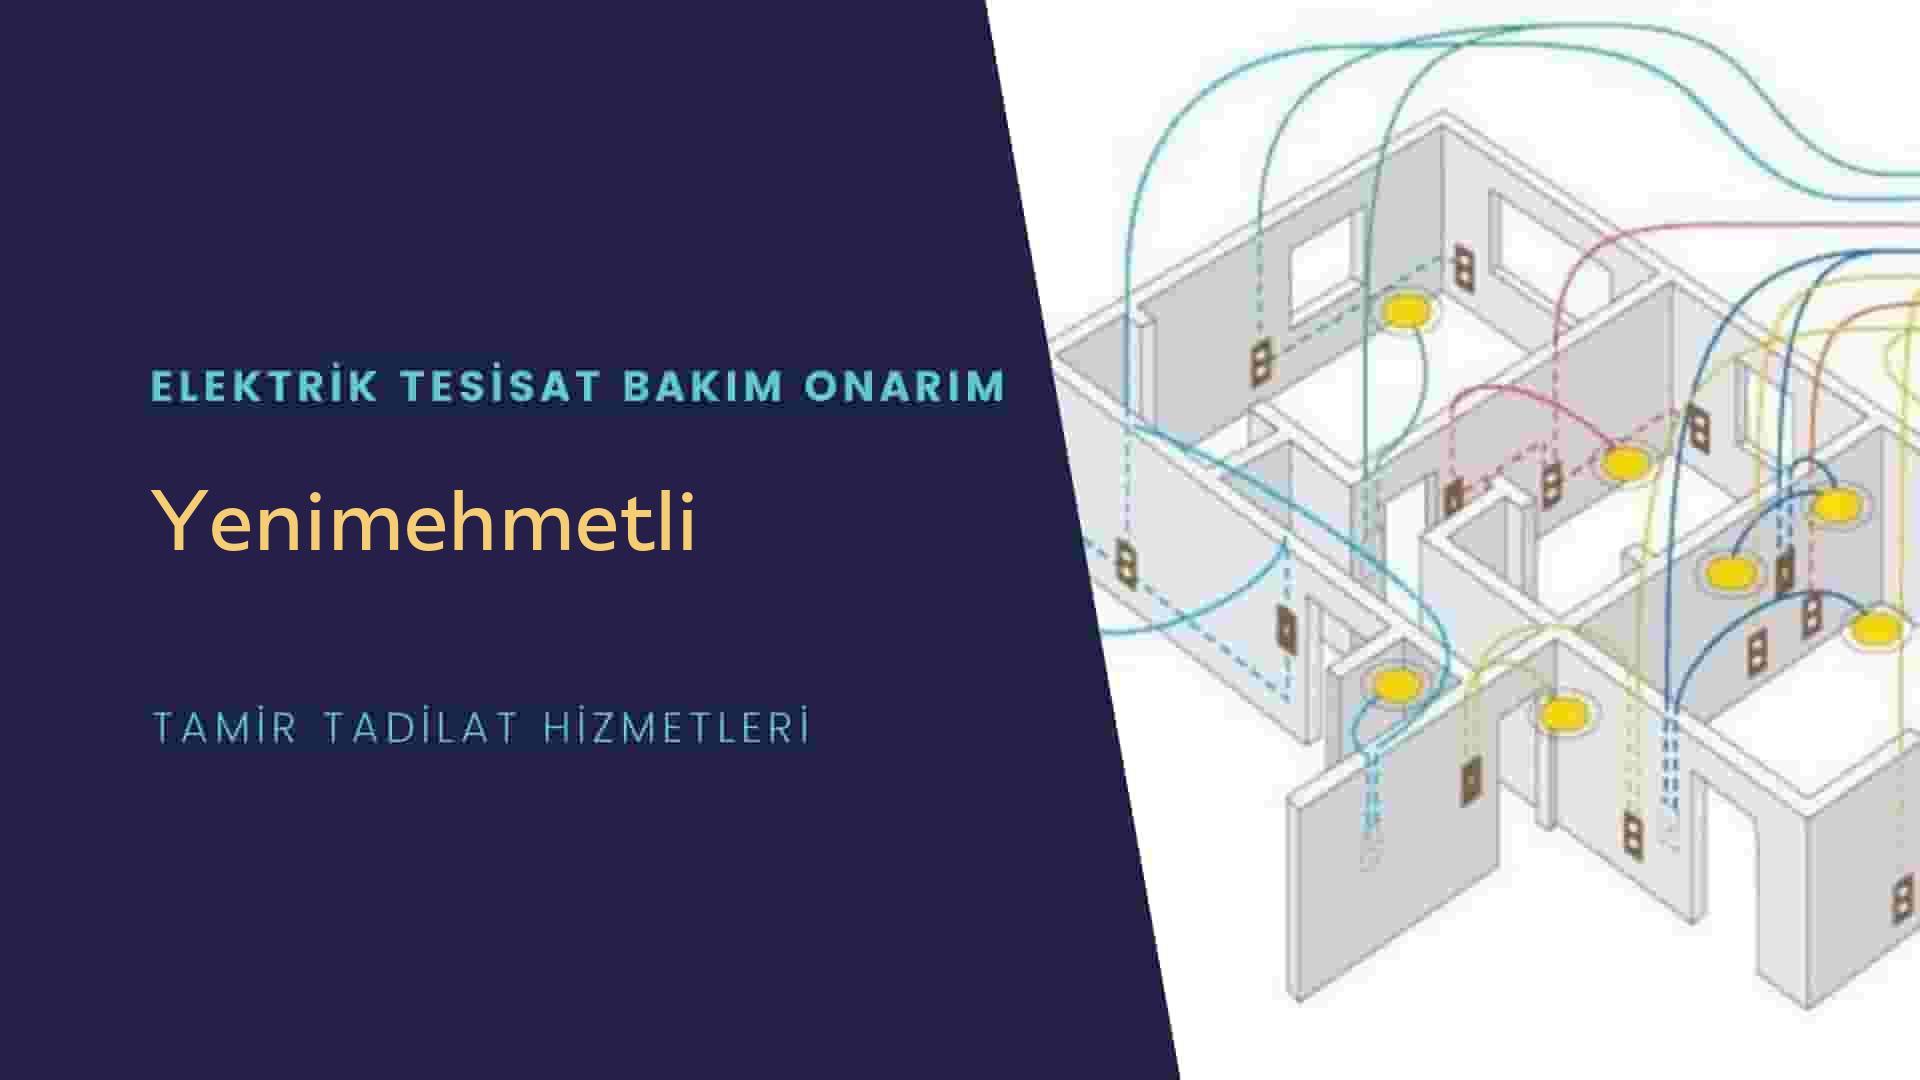 Yenimehmetli'de elektrik tesisatıustalarımı arıyorsunuz doğru adrestenizi Yenimehmetli elektrik tesisatı ustalarımız 7/24 sizlere hizmet vermekten mutluluk duyar.